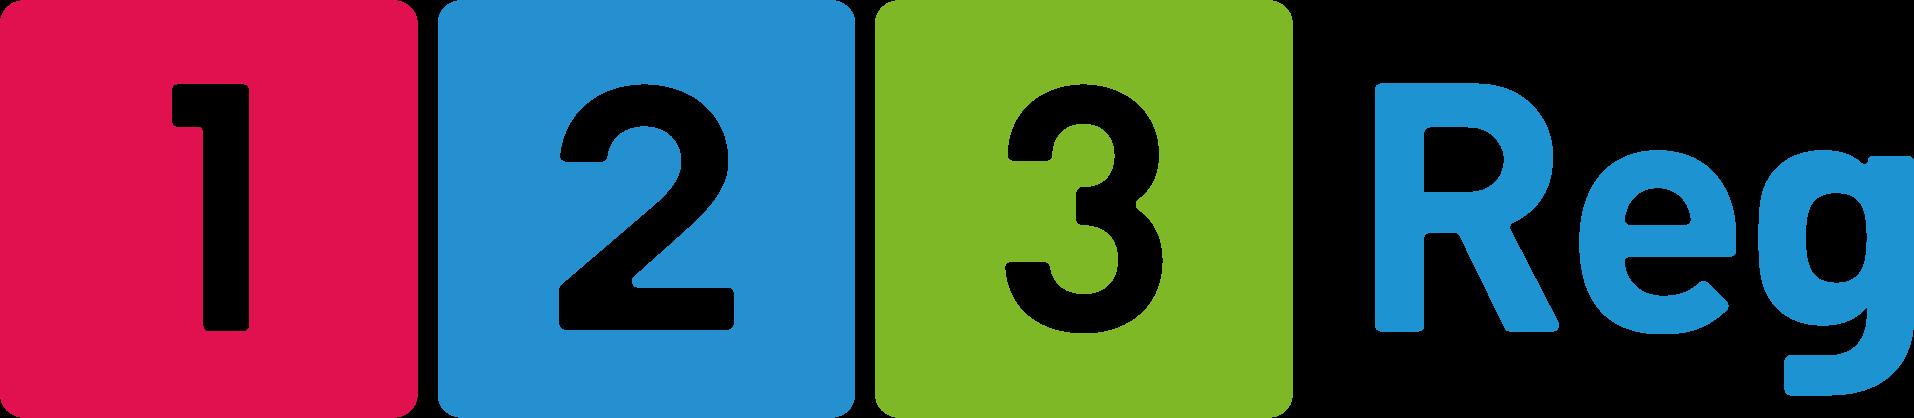 123 Reg Ltd